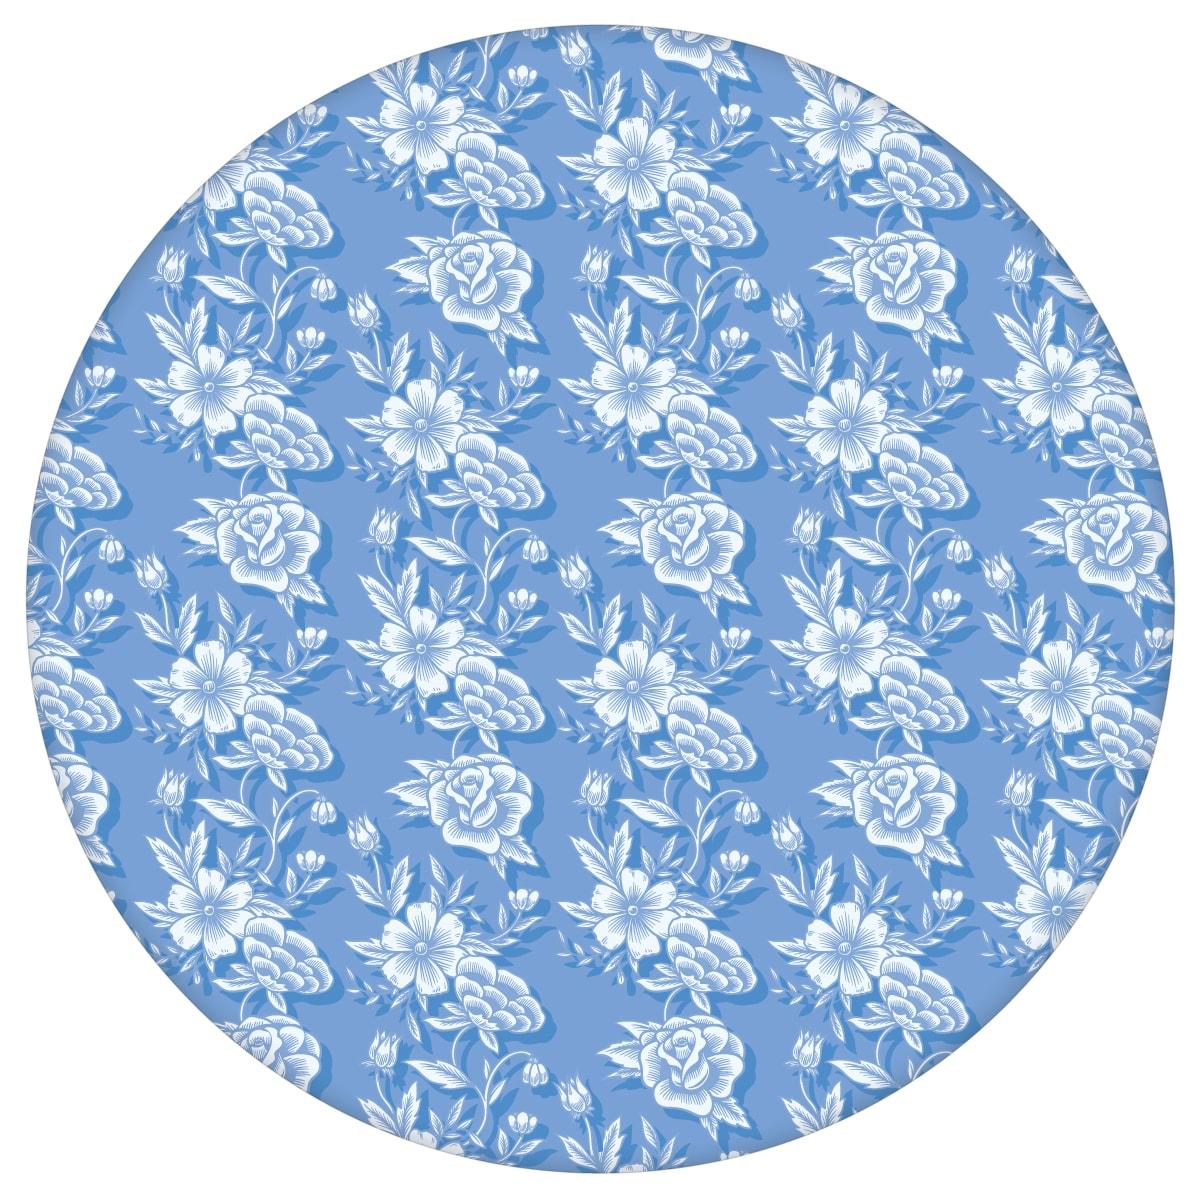 """""""Les fleurs du chateau"""" Klassische Blümchen Tapete, blau Vlies-Tapete für Schlafzimmer aus den Tapeten Neuheiten Blumentapeten und Borten als Naturaltouch Luxus Vliestapete oder Basic Vliestapete"""